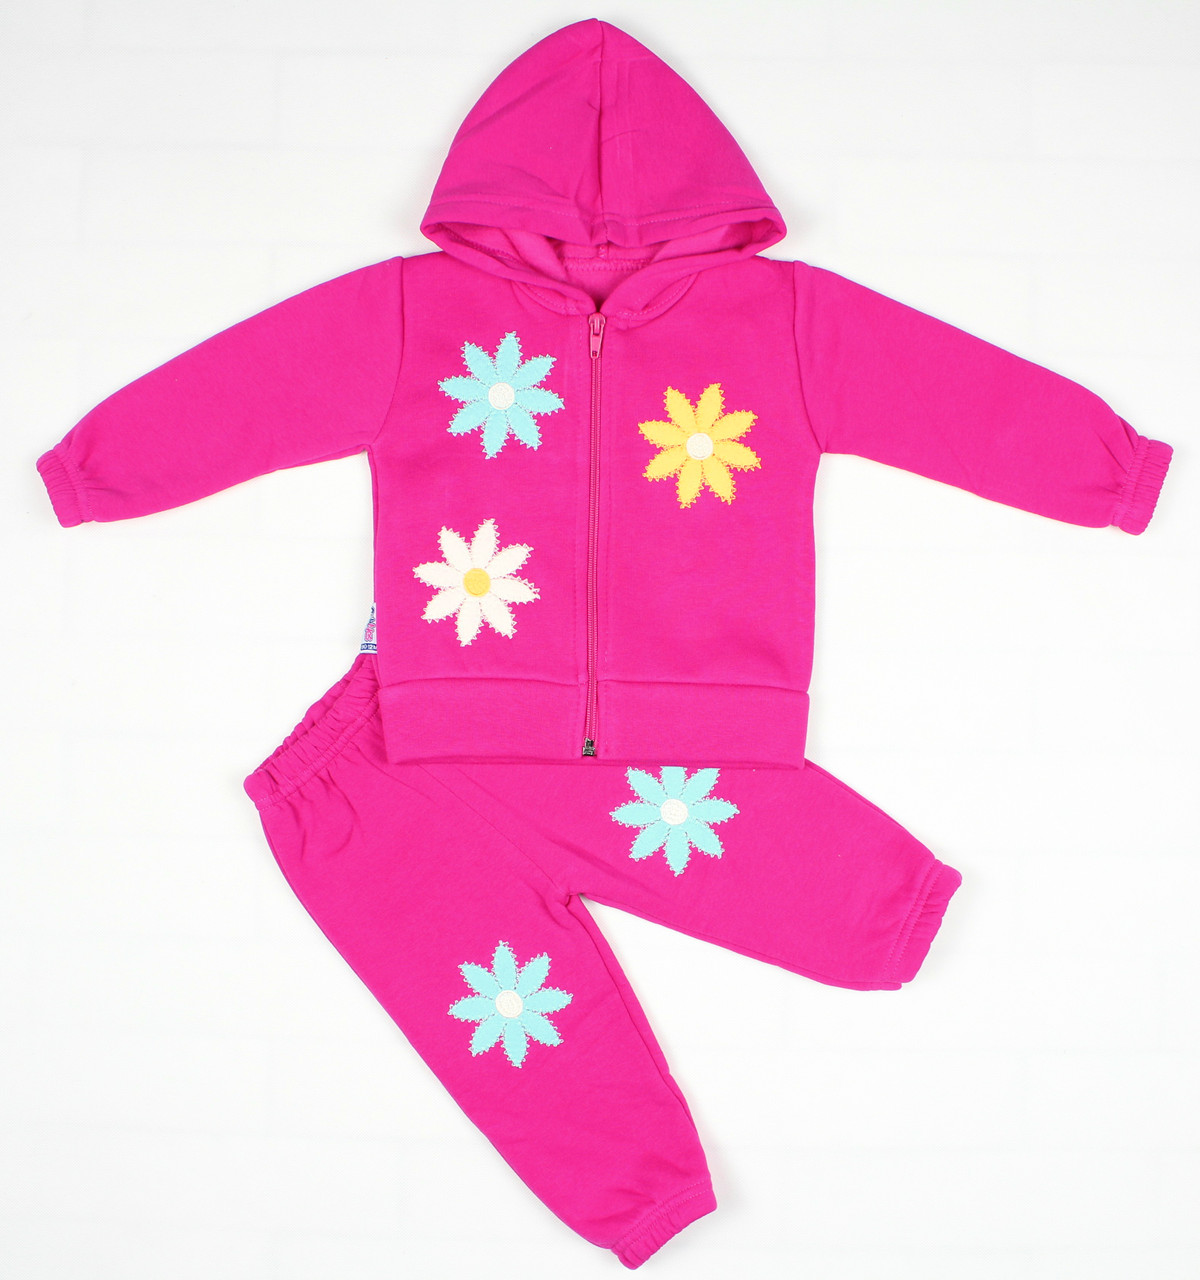 Утепленный костюм 2-ка малиновым цветом для девочки